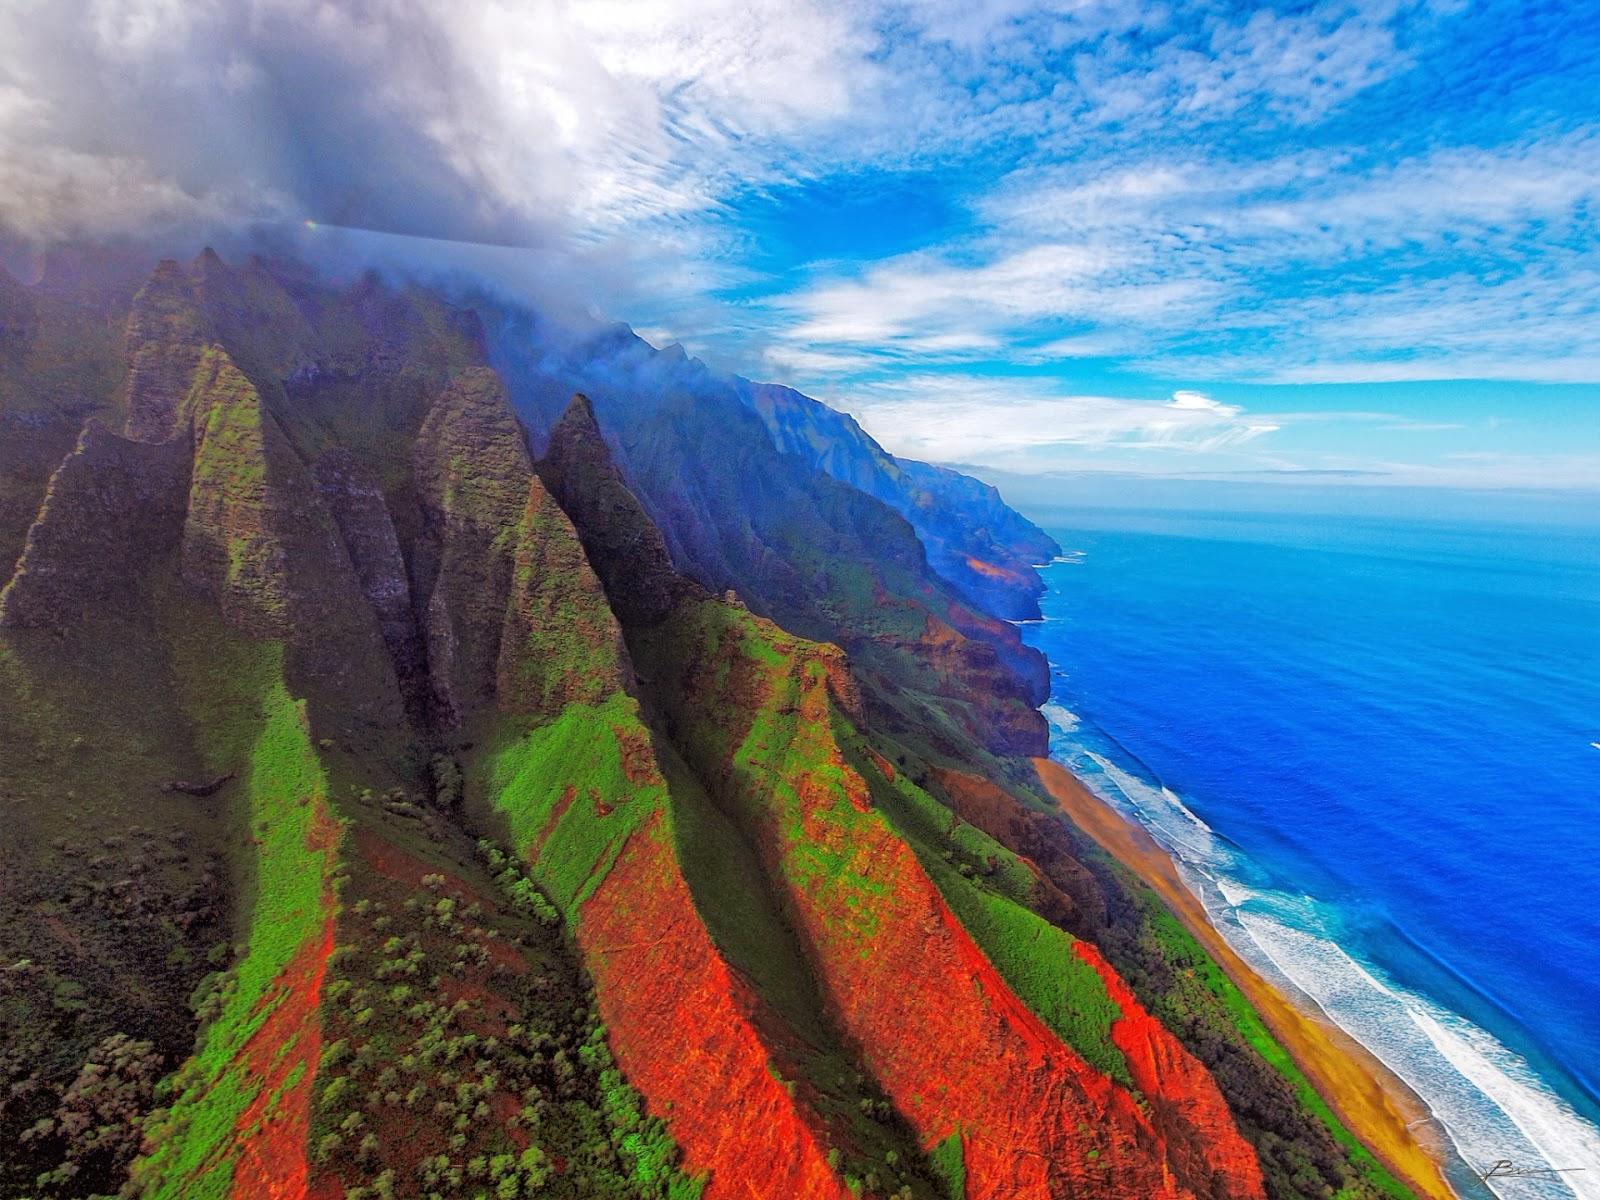 Mujeres Música Katy Perry Cabello Azul Desgaste Cantantes: Montañas A La Orilla De Playa